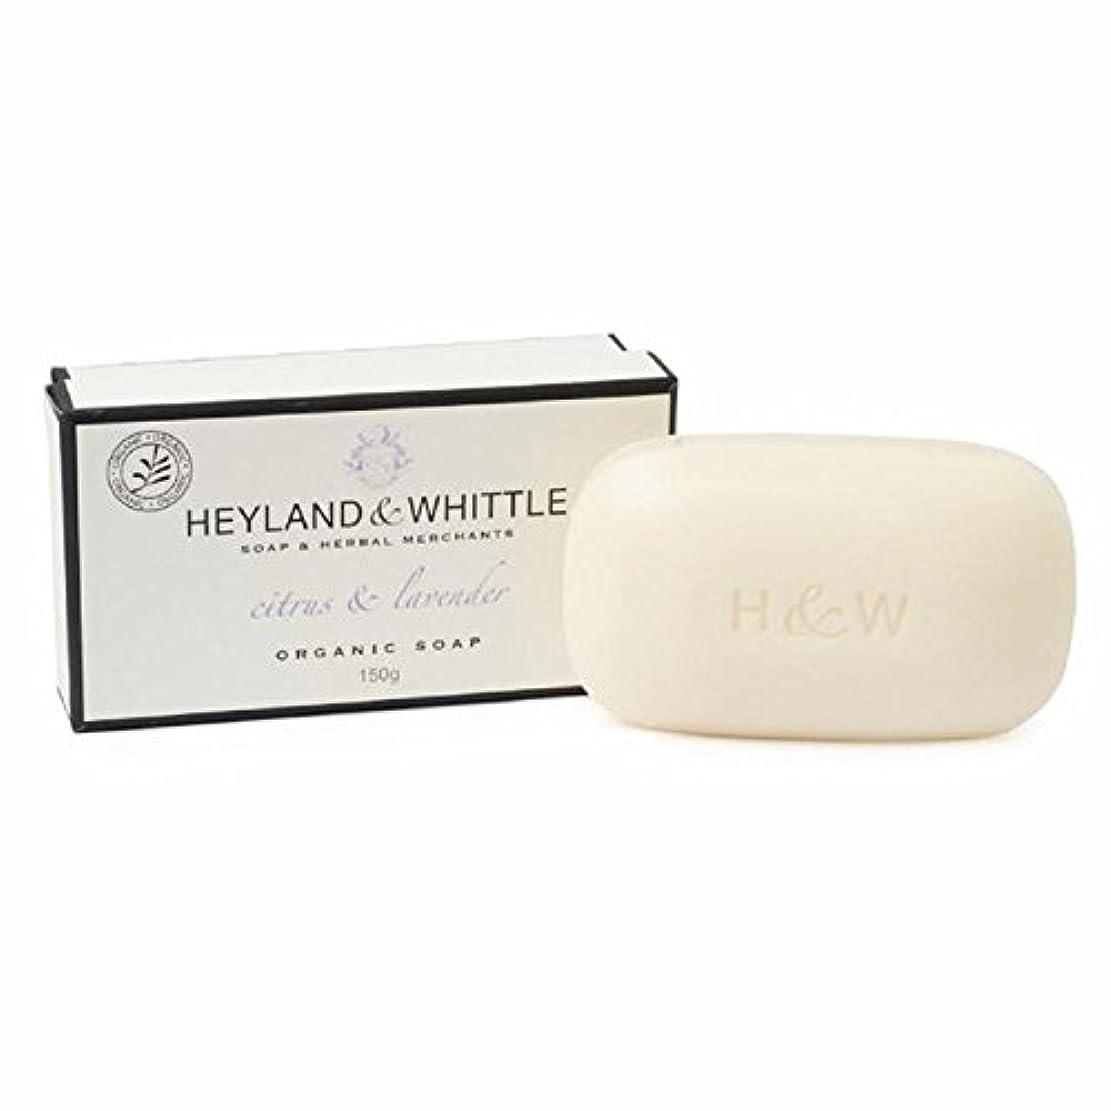 バレエ手荷物灌漑Heyland & Whittle Citrus & Lavender Boxed Organic Soap 150g - &削るシトラス&ラベンダーは、有機石鹸150グラム箱入り [並行輸入品]